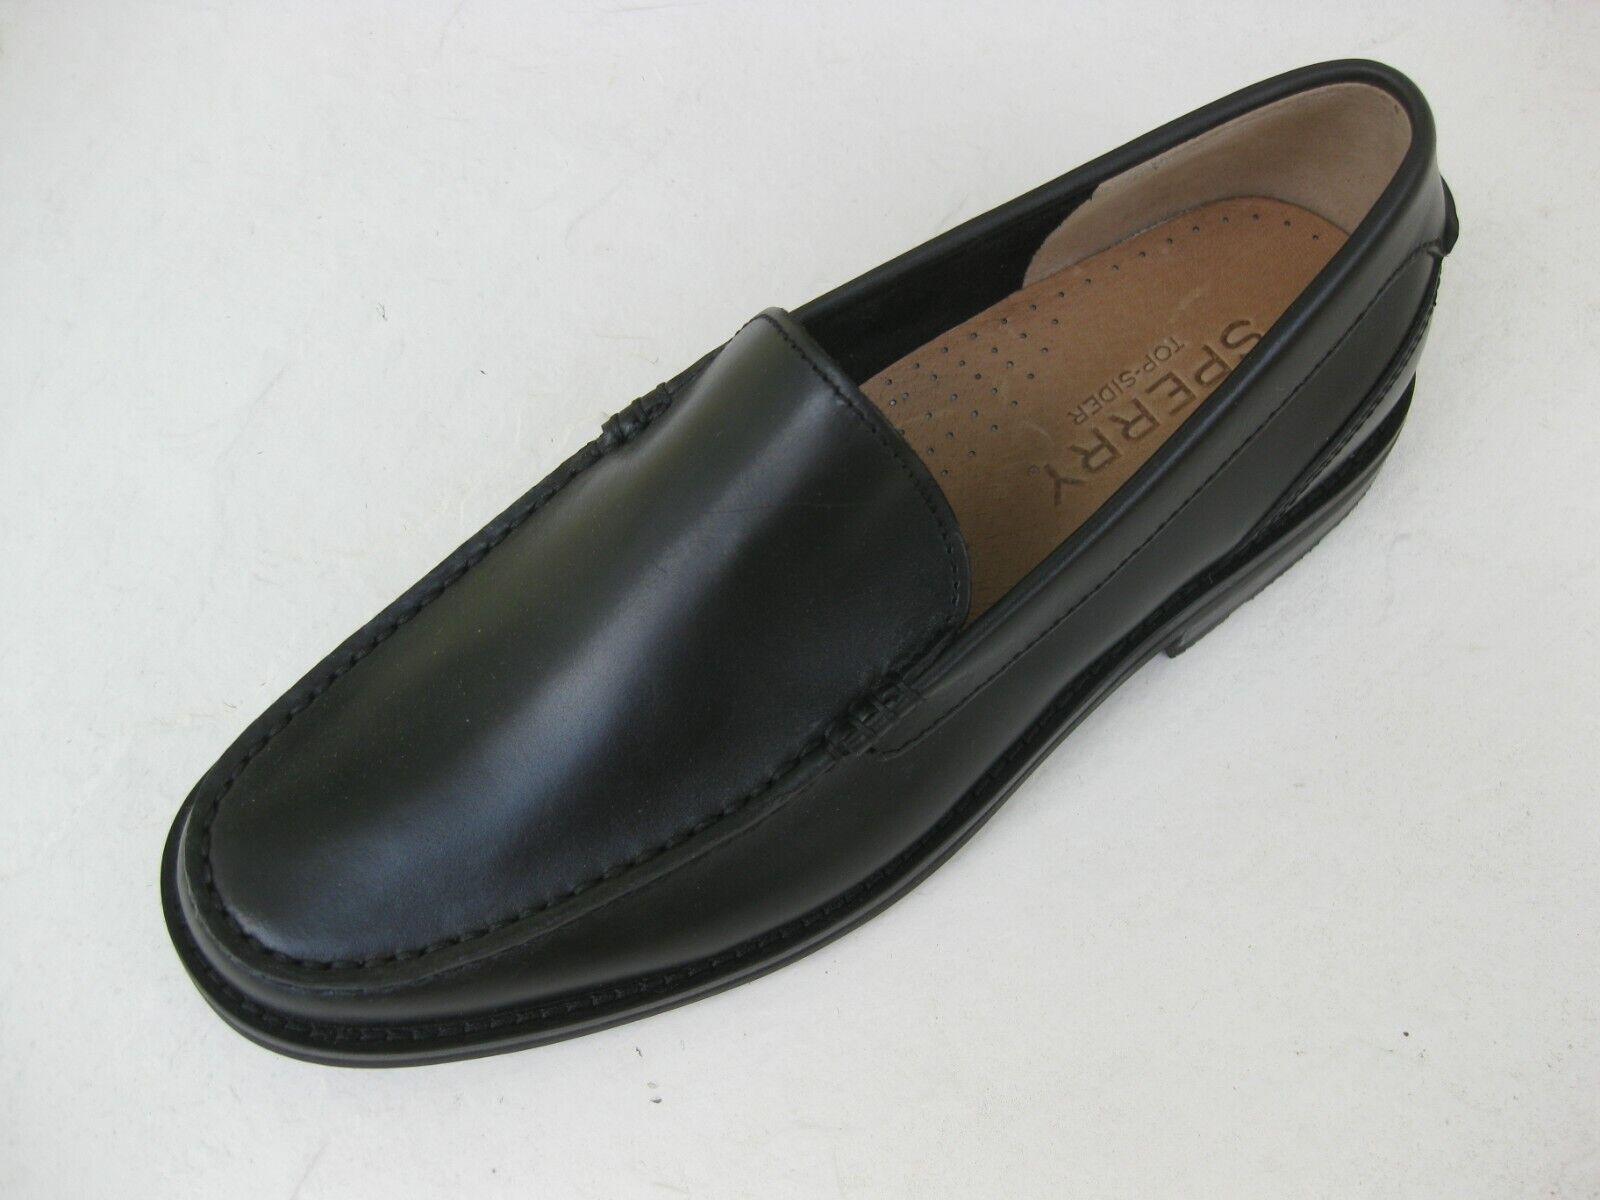 centro commerciale di moda Sperry TopSider Uomo Uomo Uomo scarpe NEW  130 Essex Venetian Loafer nero Leather 10 M  a prezzi accessibili